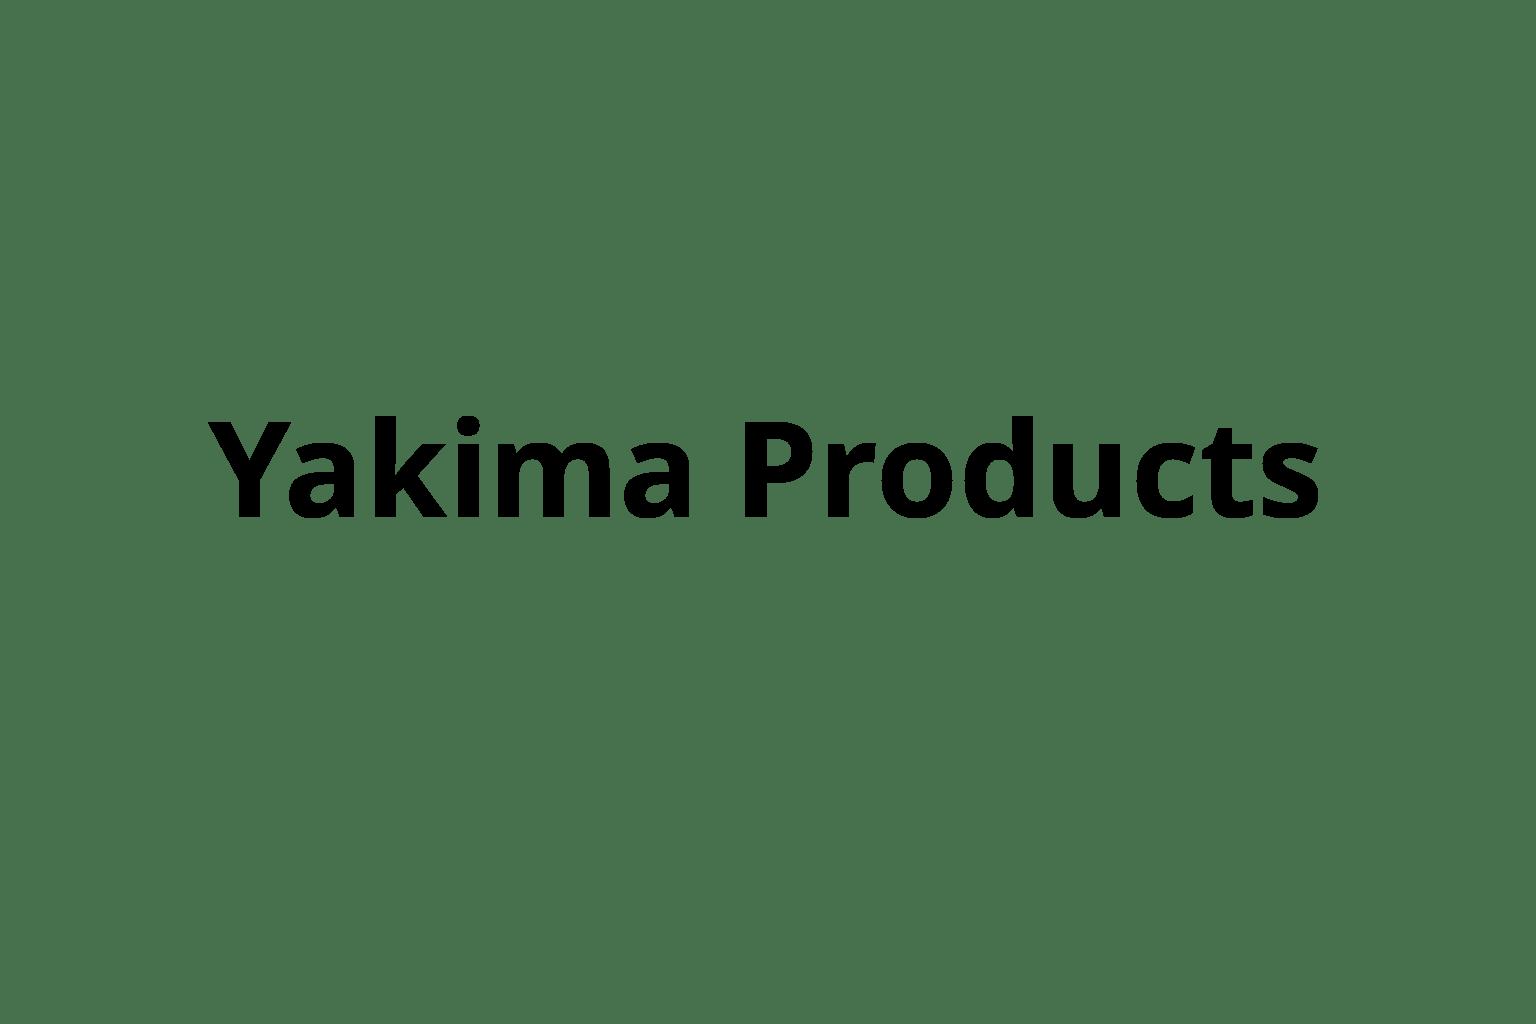 Yakima Products